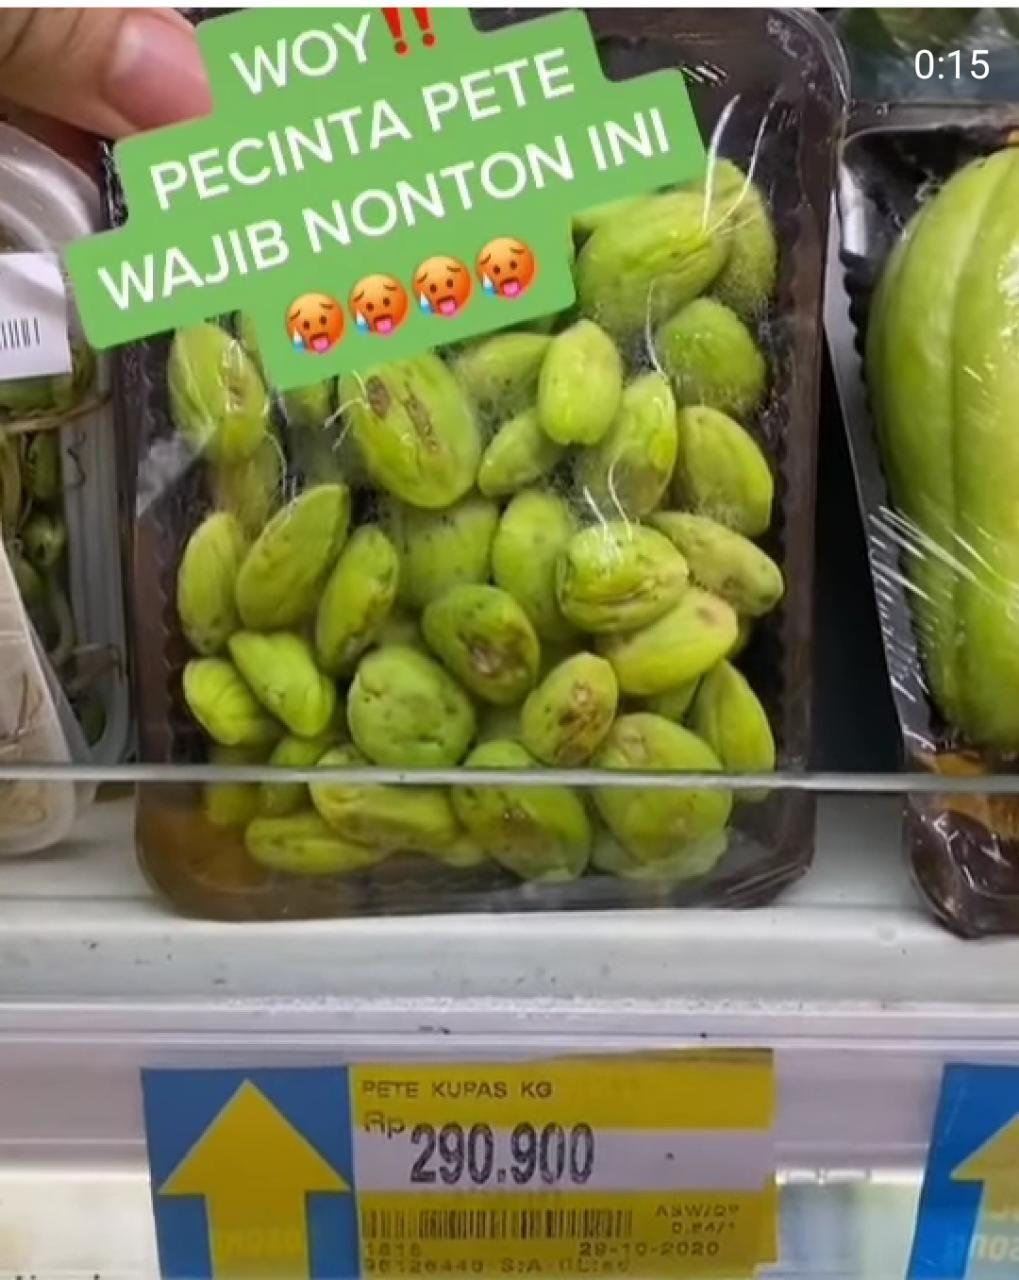 Harga Pete Rp 300 Ribu di Supermarket, Netizen : Di Kampung Bisa Buat Beli Sekebon